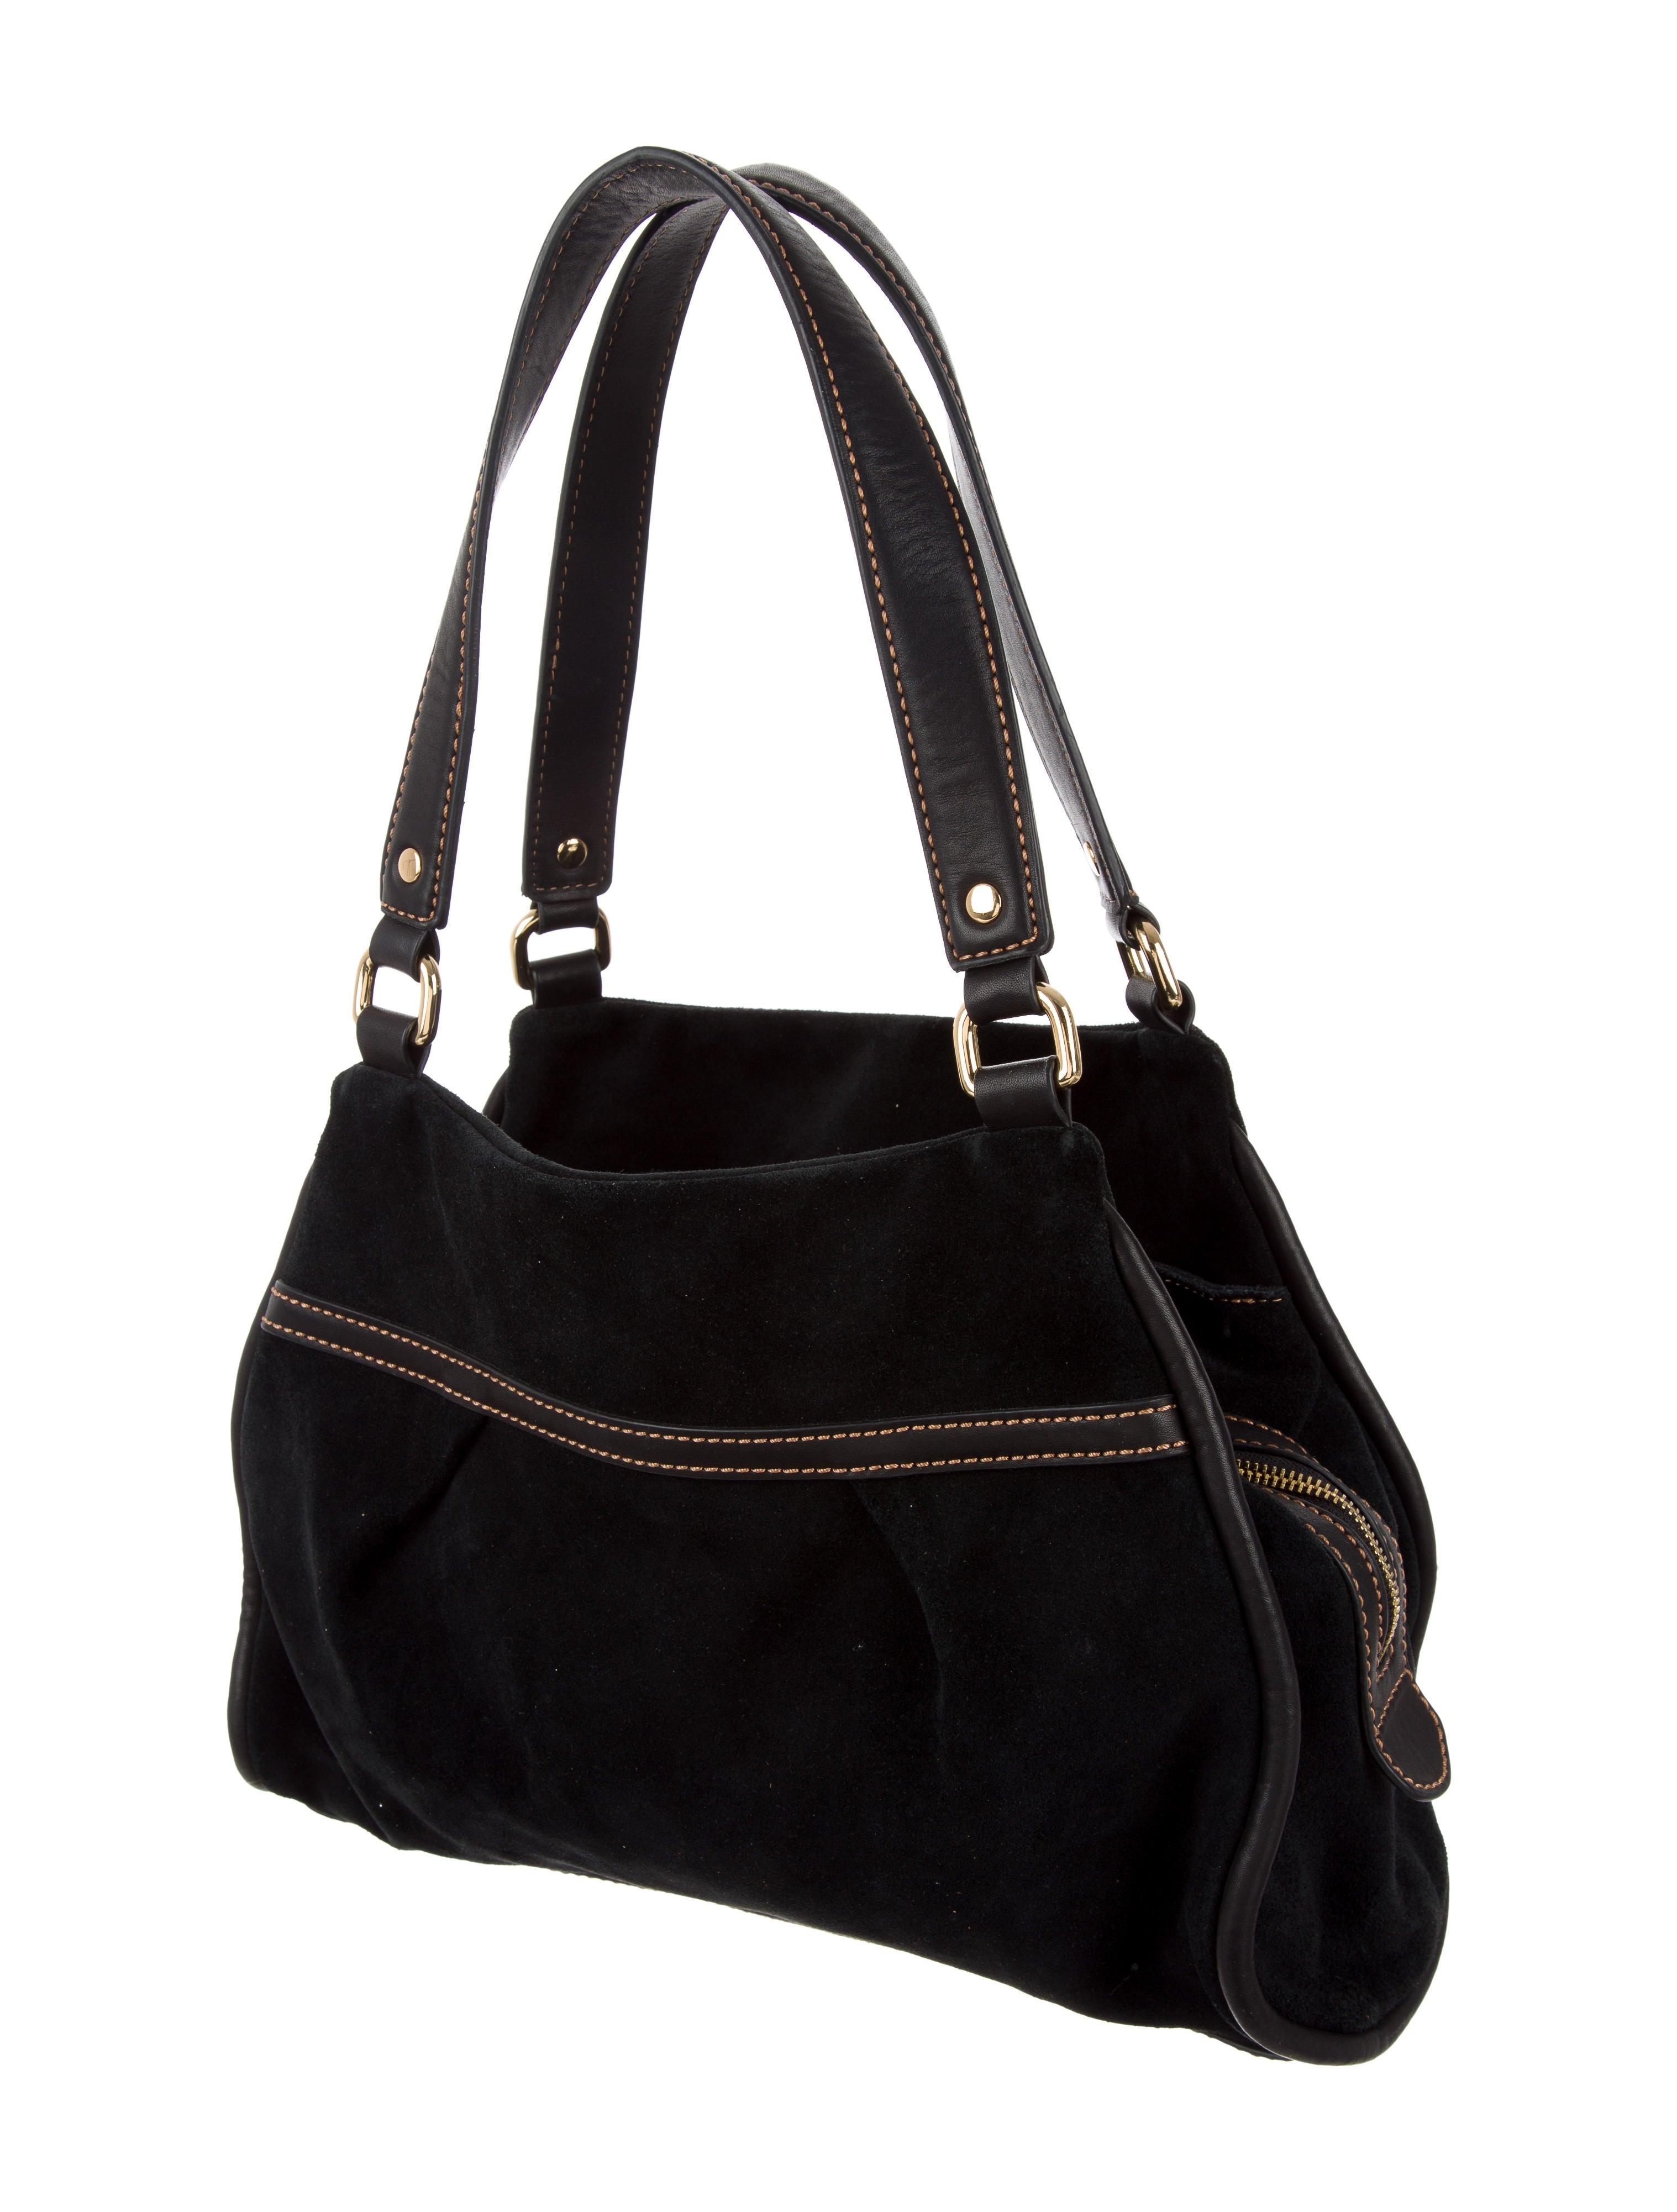 61fe2a7e0afc UGG Australia Suede   Leather Bag - Handbags - WUUGG23465